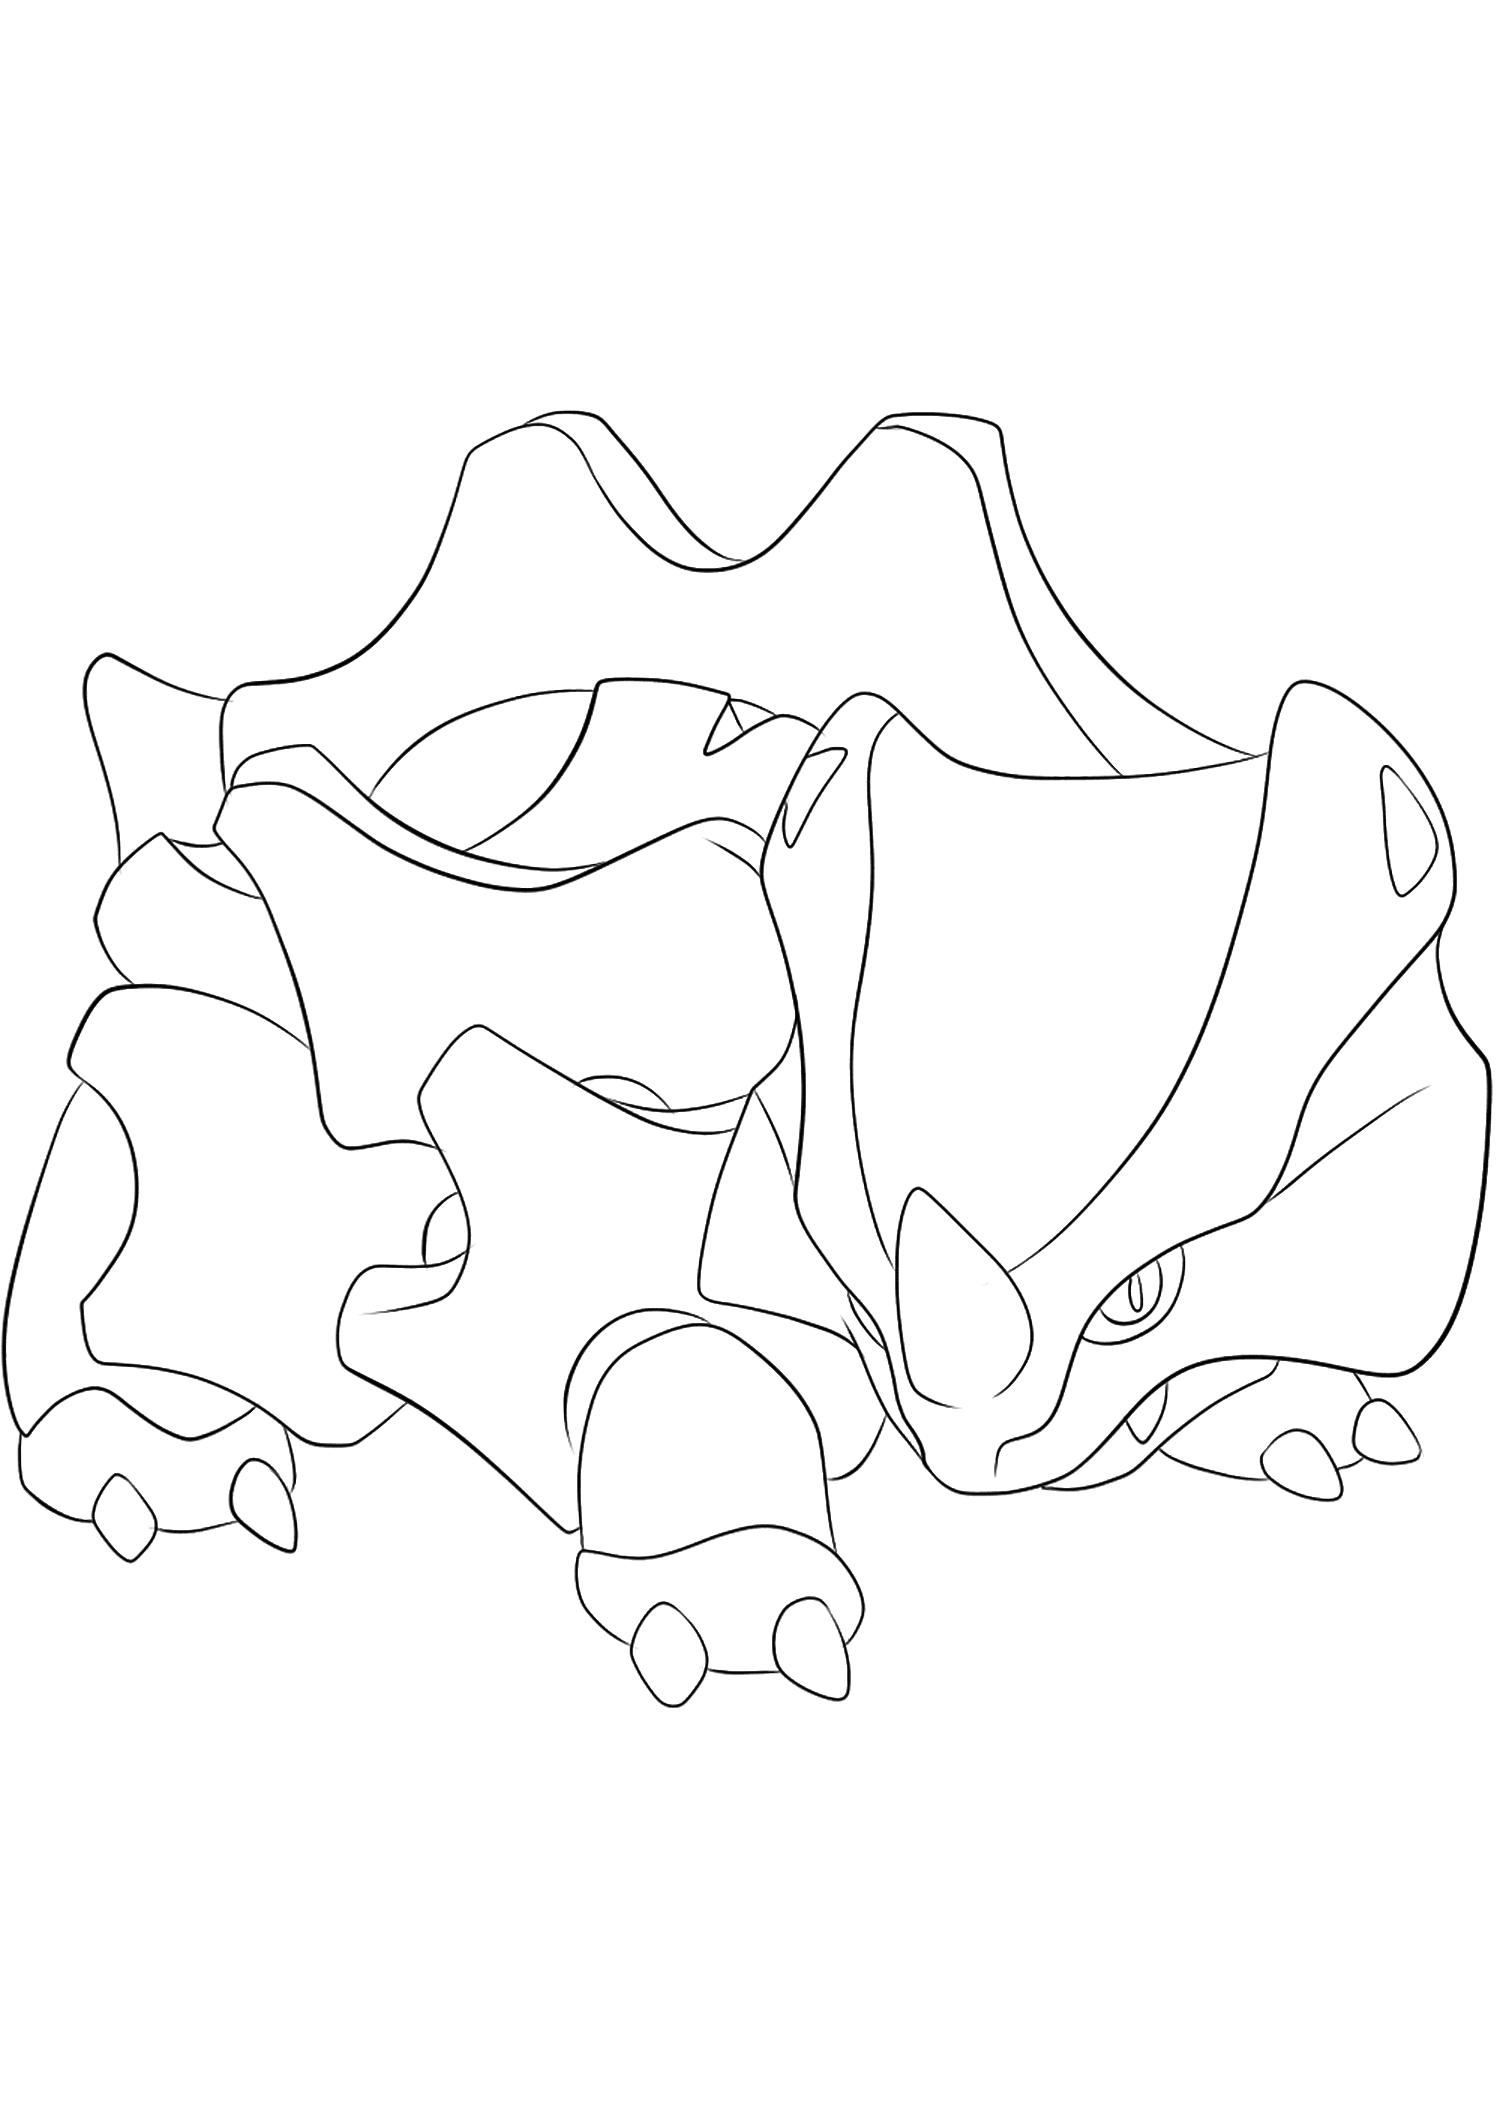 <b>Rhinocorne</b> (No.111) : Pokémon de génération I